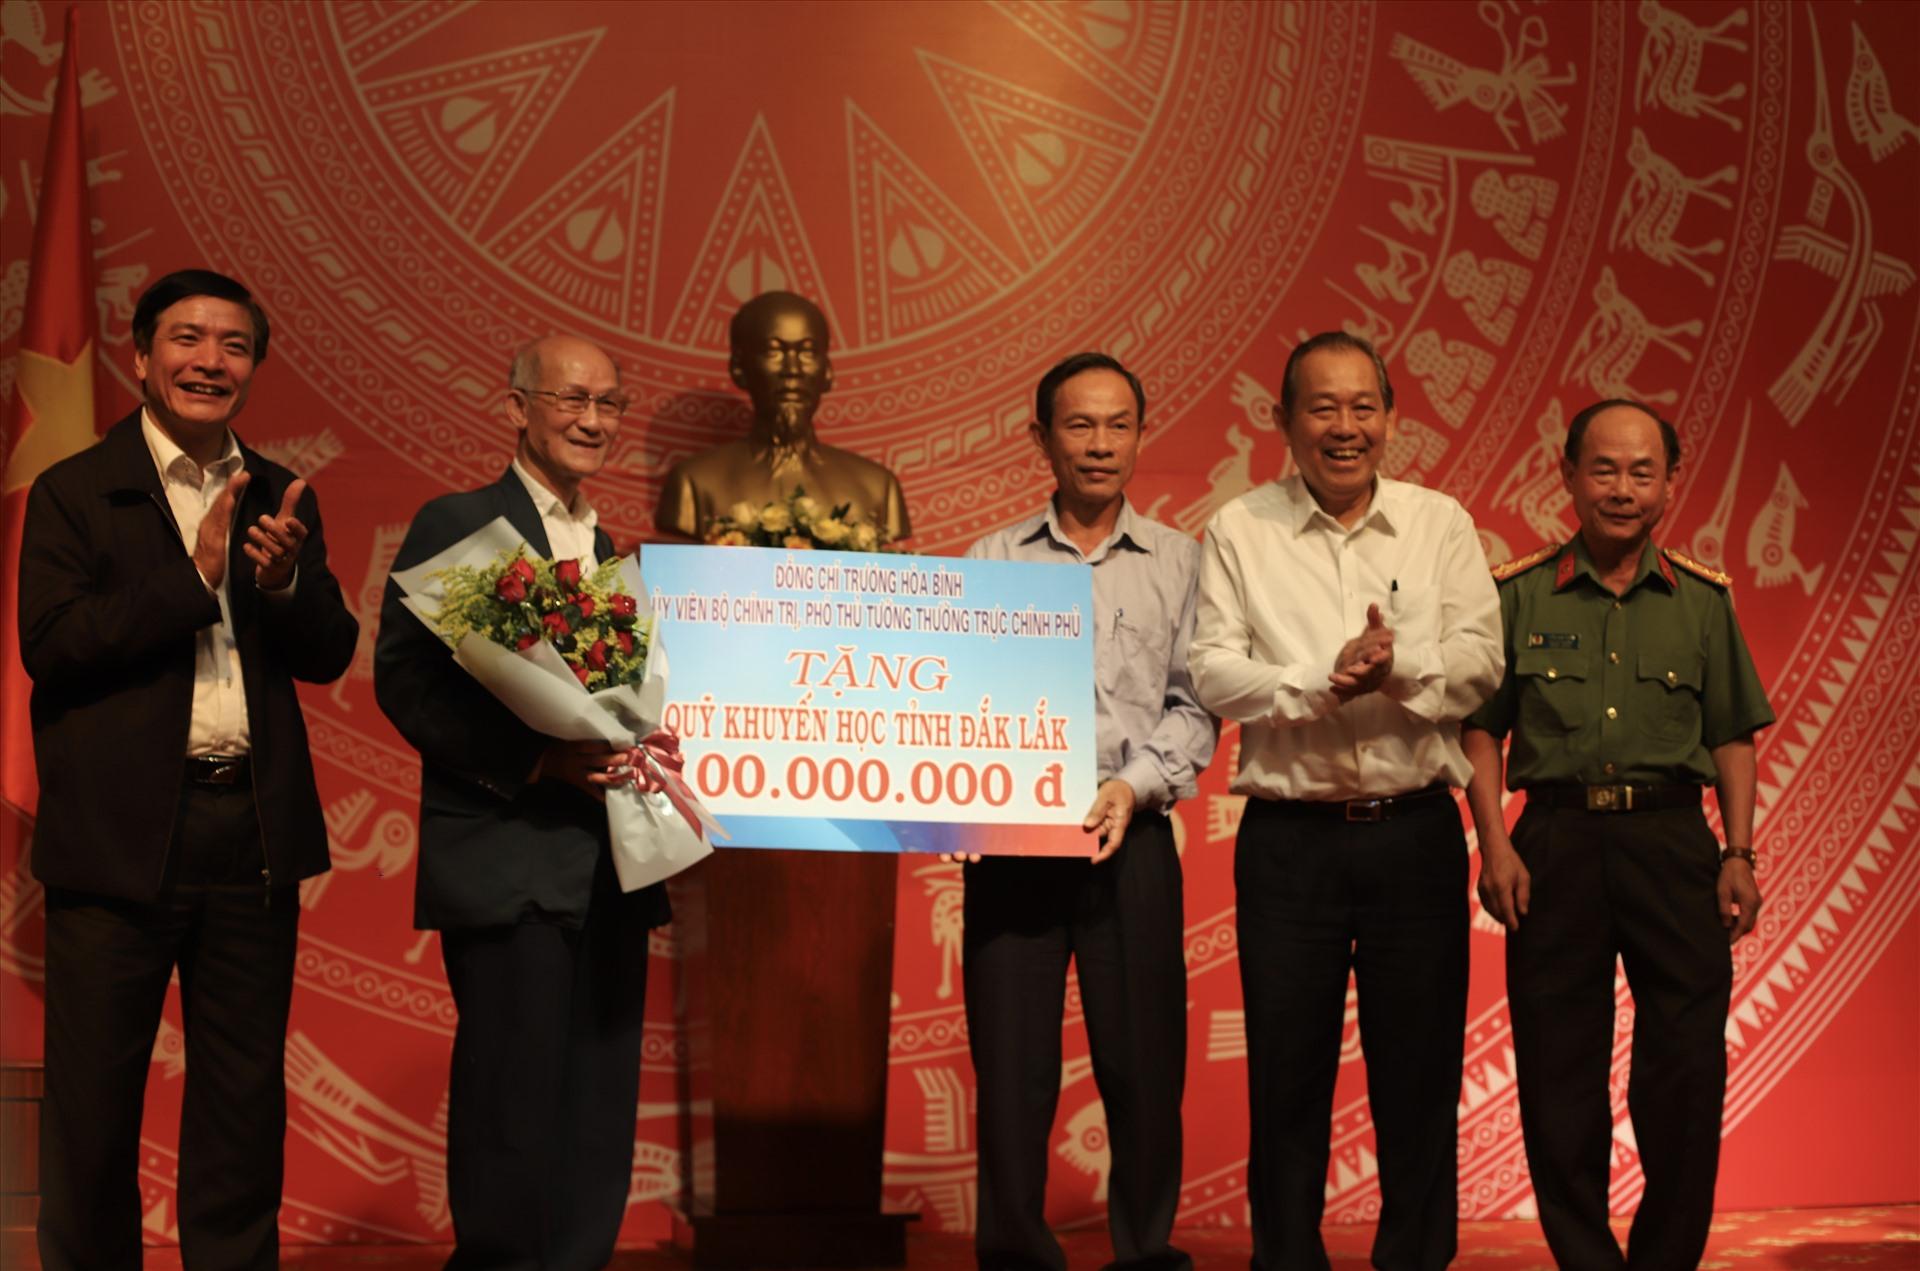 Phó Thủ tướng Thường trực Trương Hòa Bình trao số tiền 100 triệu đồng cho Quỹ khuyến học của tỉnh Đắk Lắk. Ảnh: HL